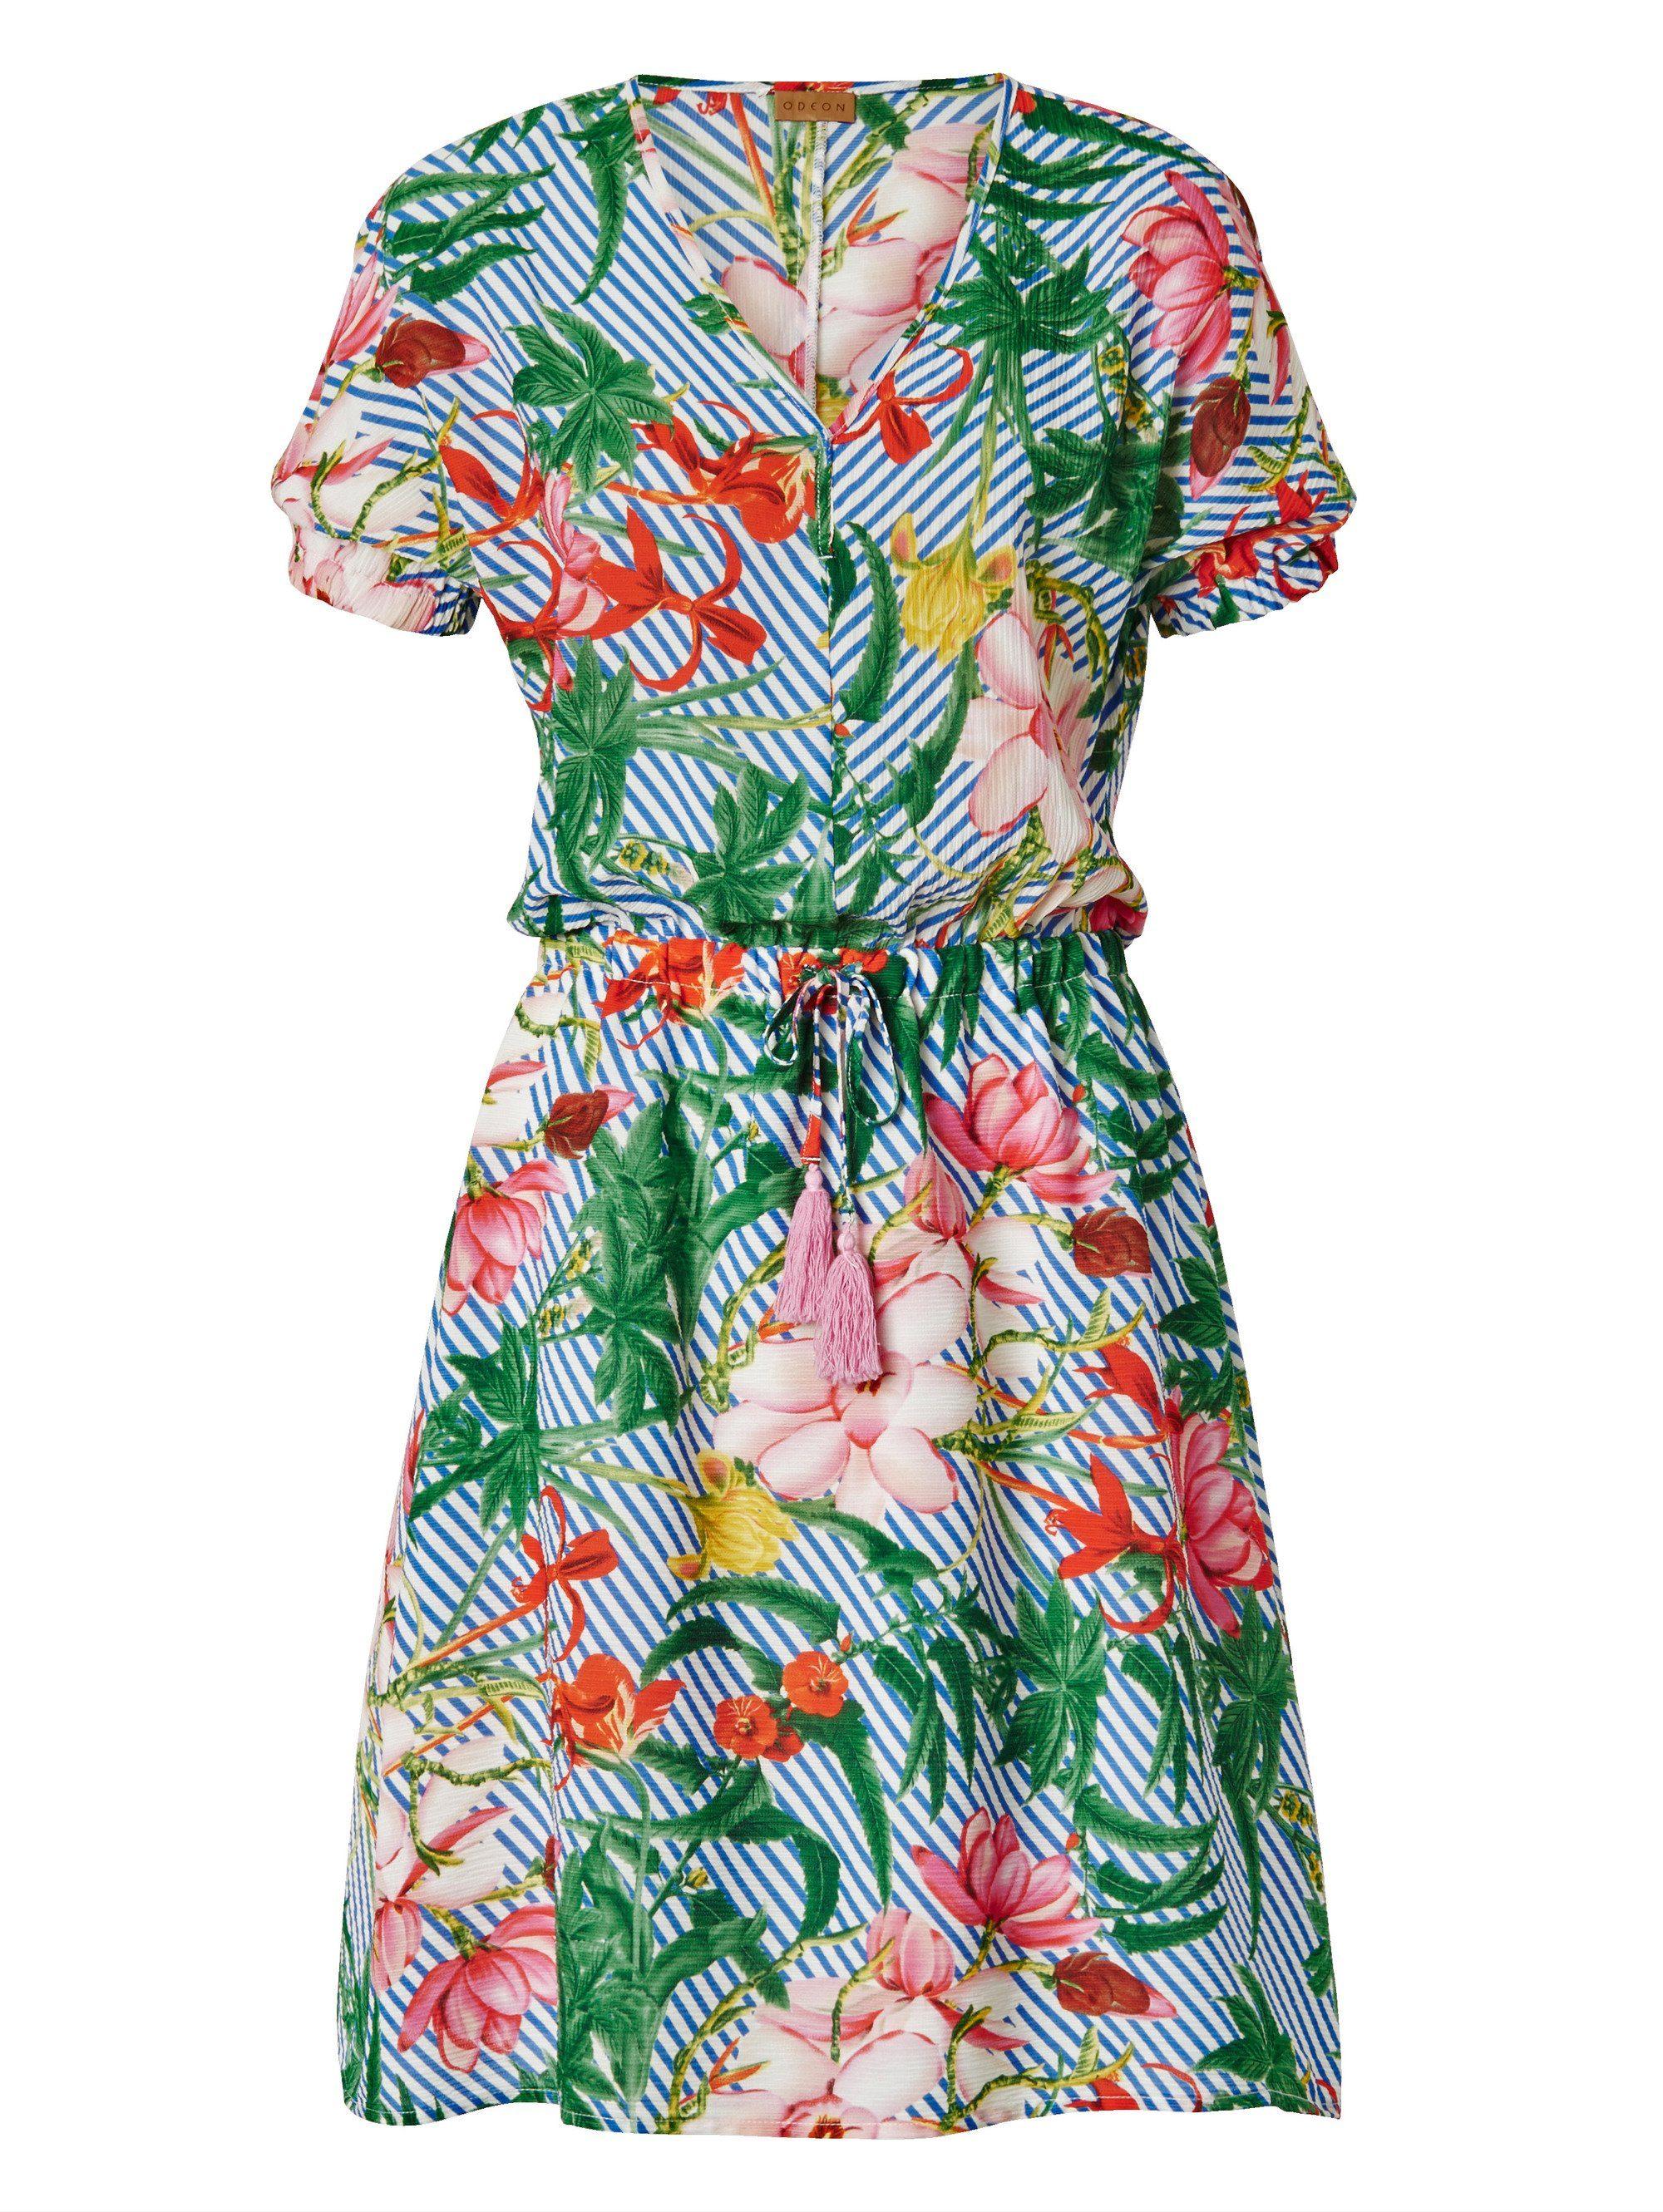 odeon -  Kleid mit Blumen- und Streifen-Druck